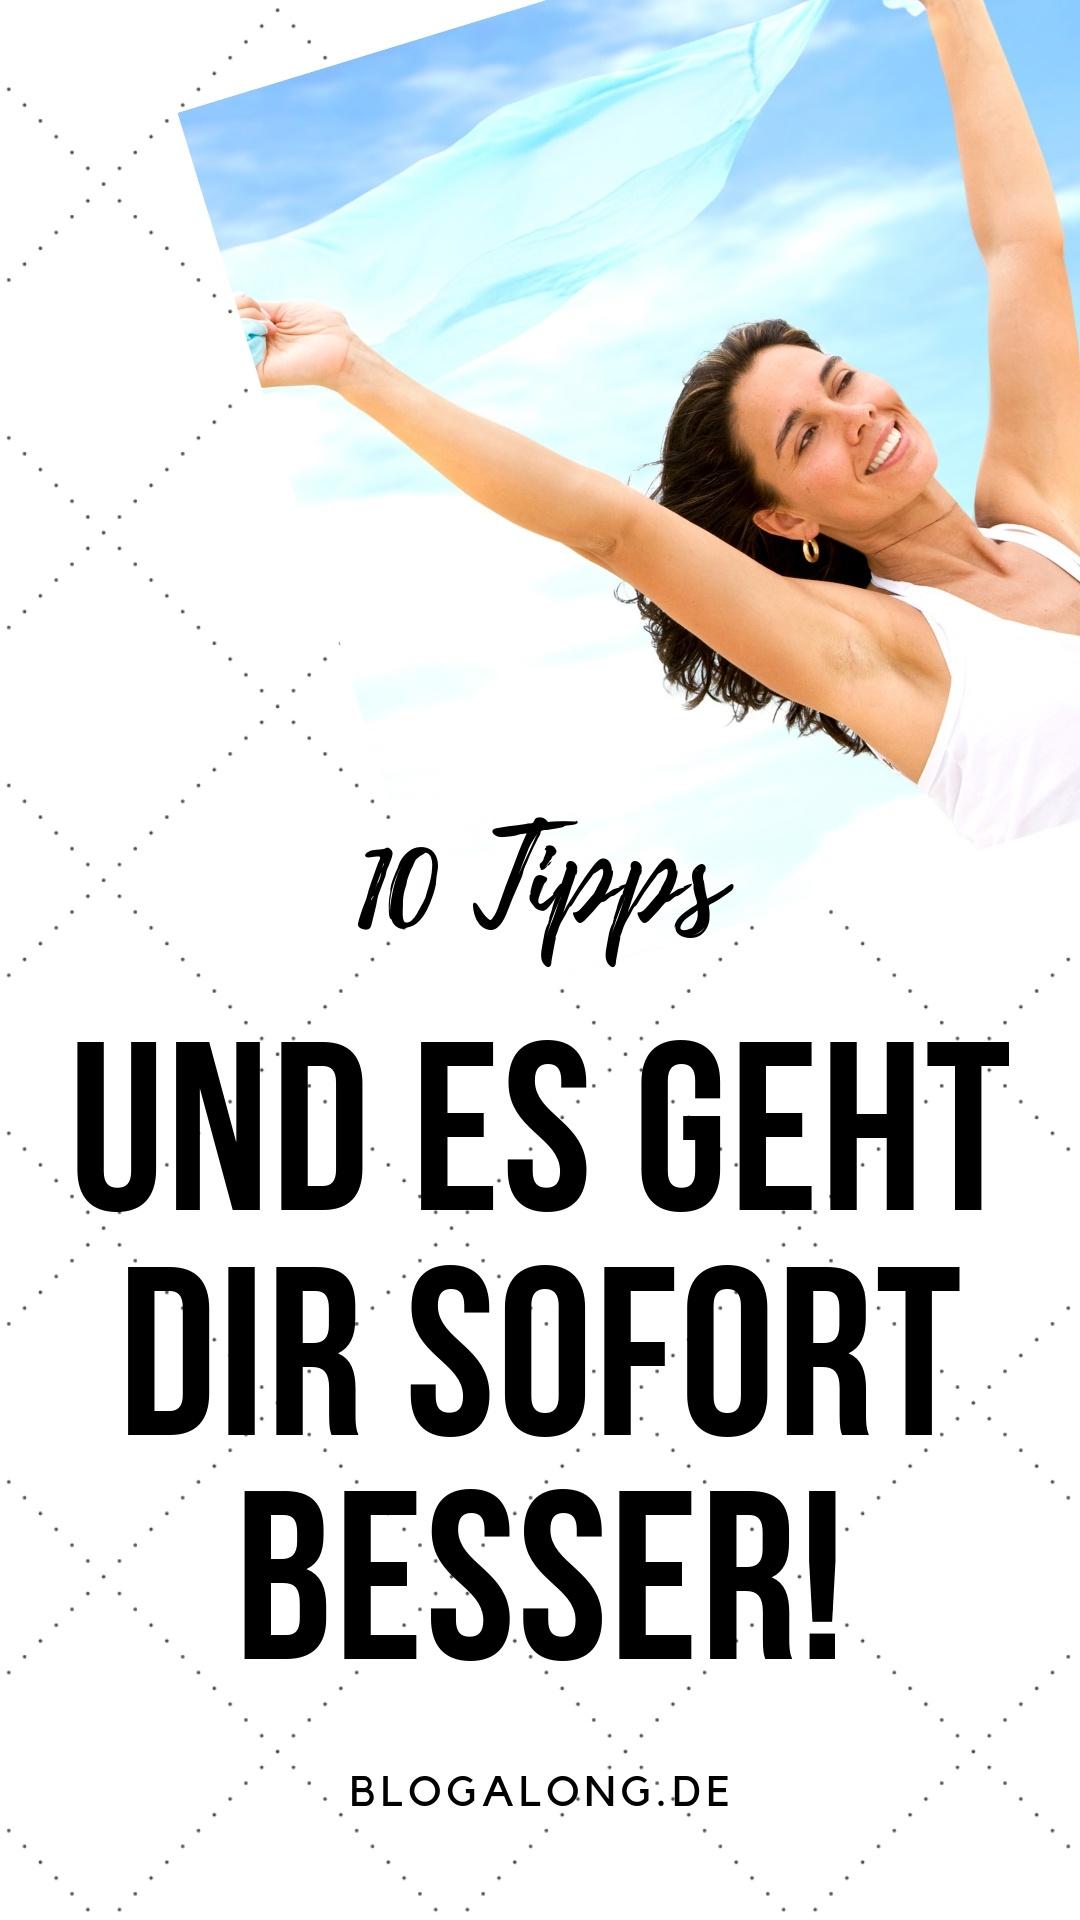 Mit diesen 10 Tipps wirst du dich sofort besser fühlen